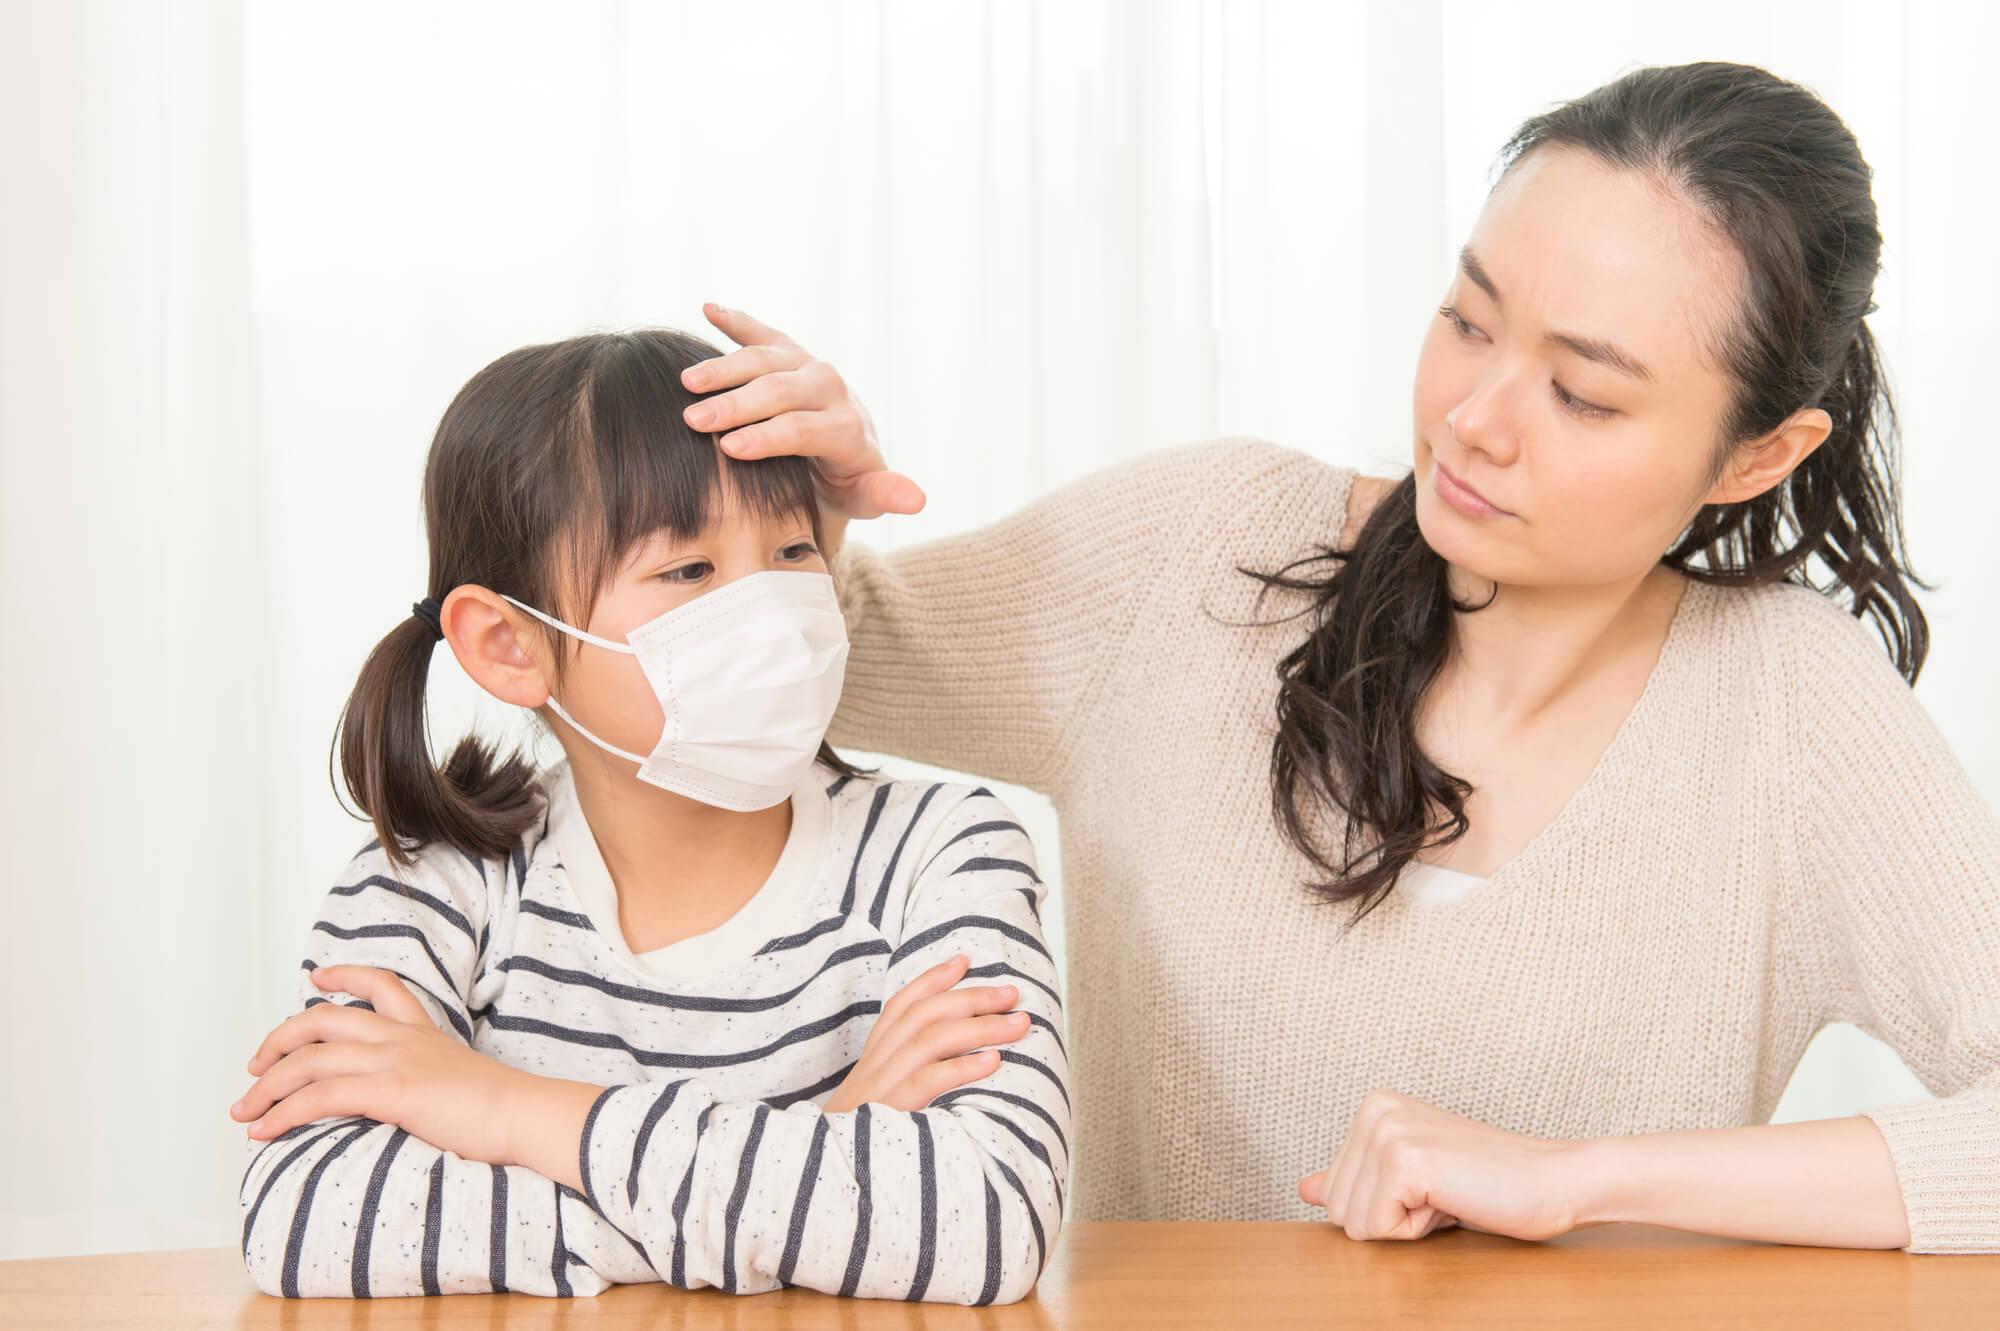 小学生のいる家庭は要注意!手洗いうがいを徹底させてインフルエンザを予防しよう